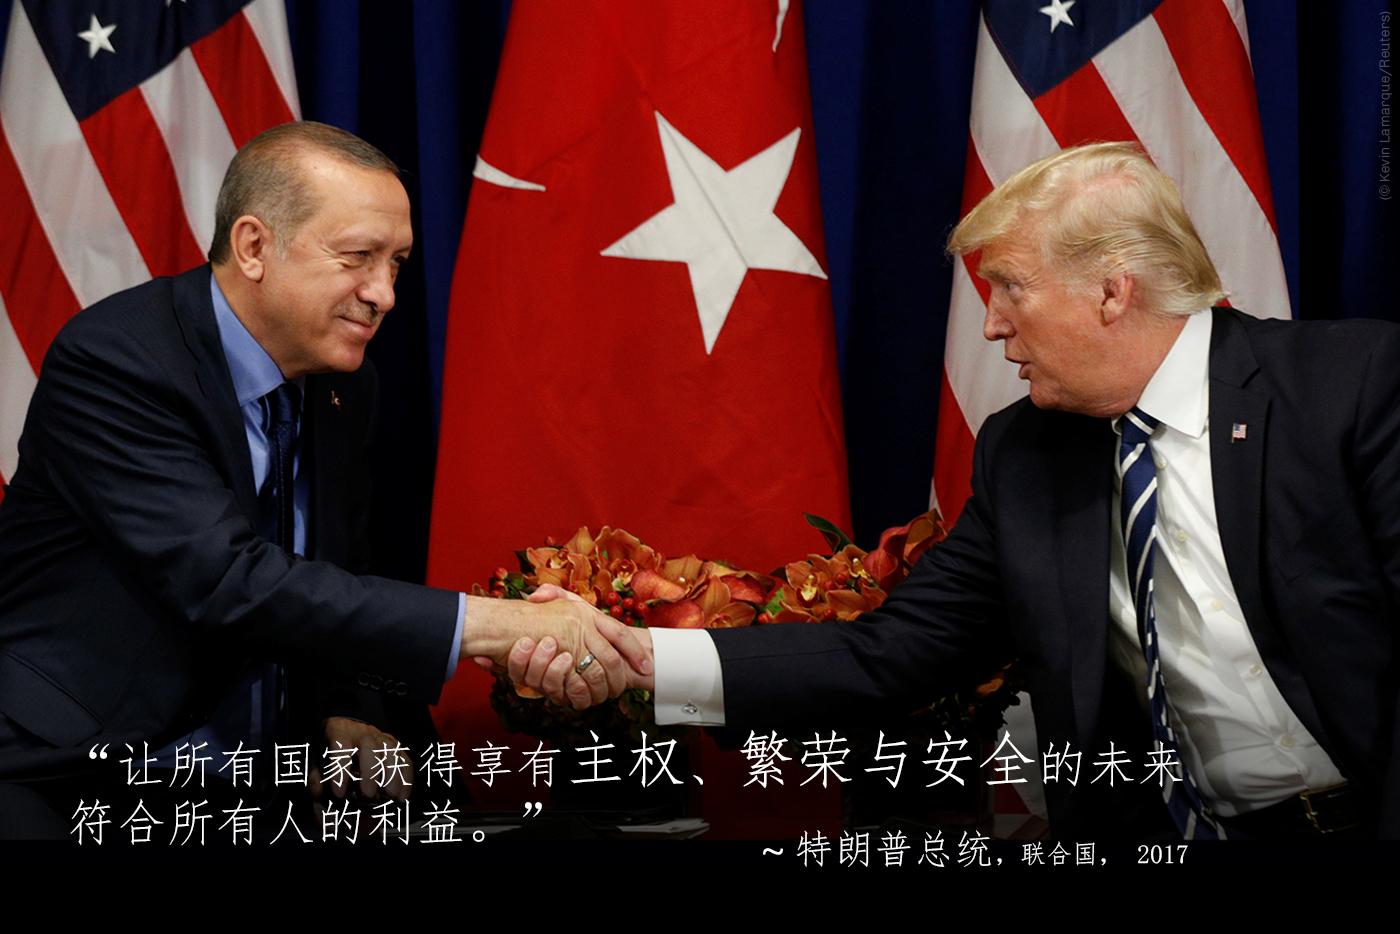 特朗普总统与耳其总统雷杰普·塔伊普·埃尔多安握手。 (© Kevin Lamarque/Reuters)